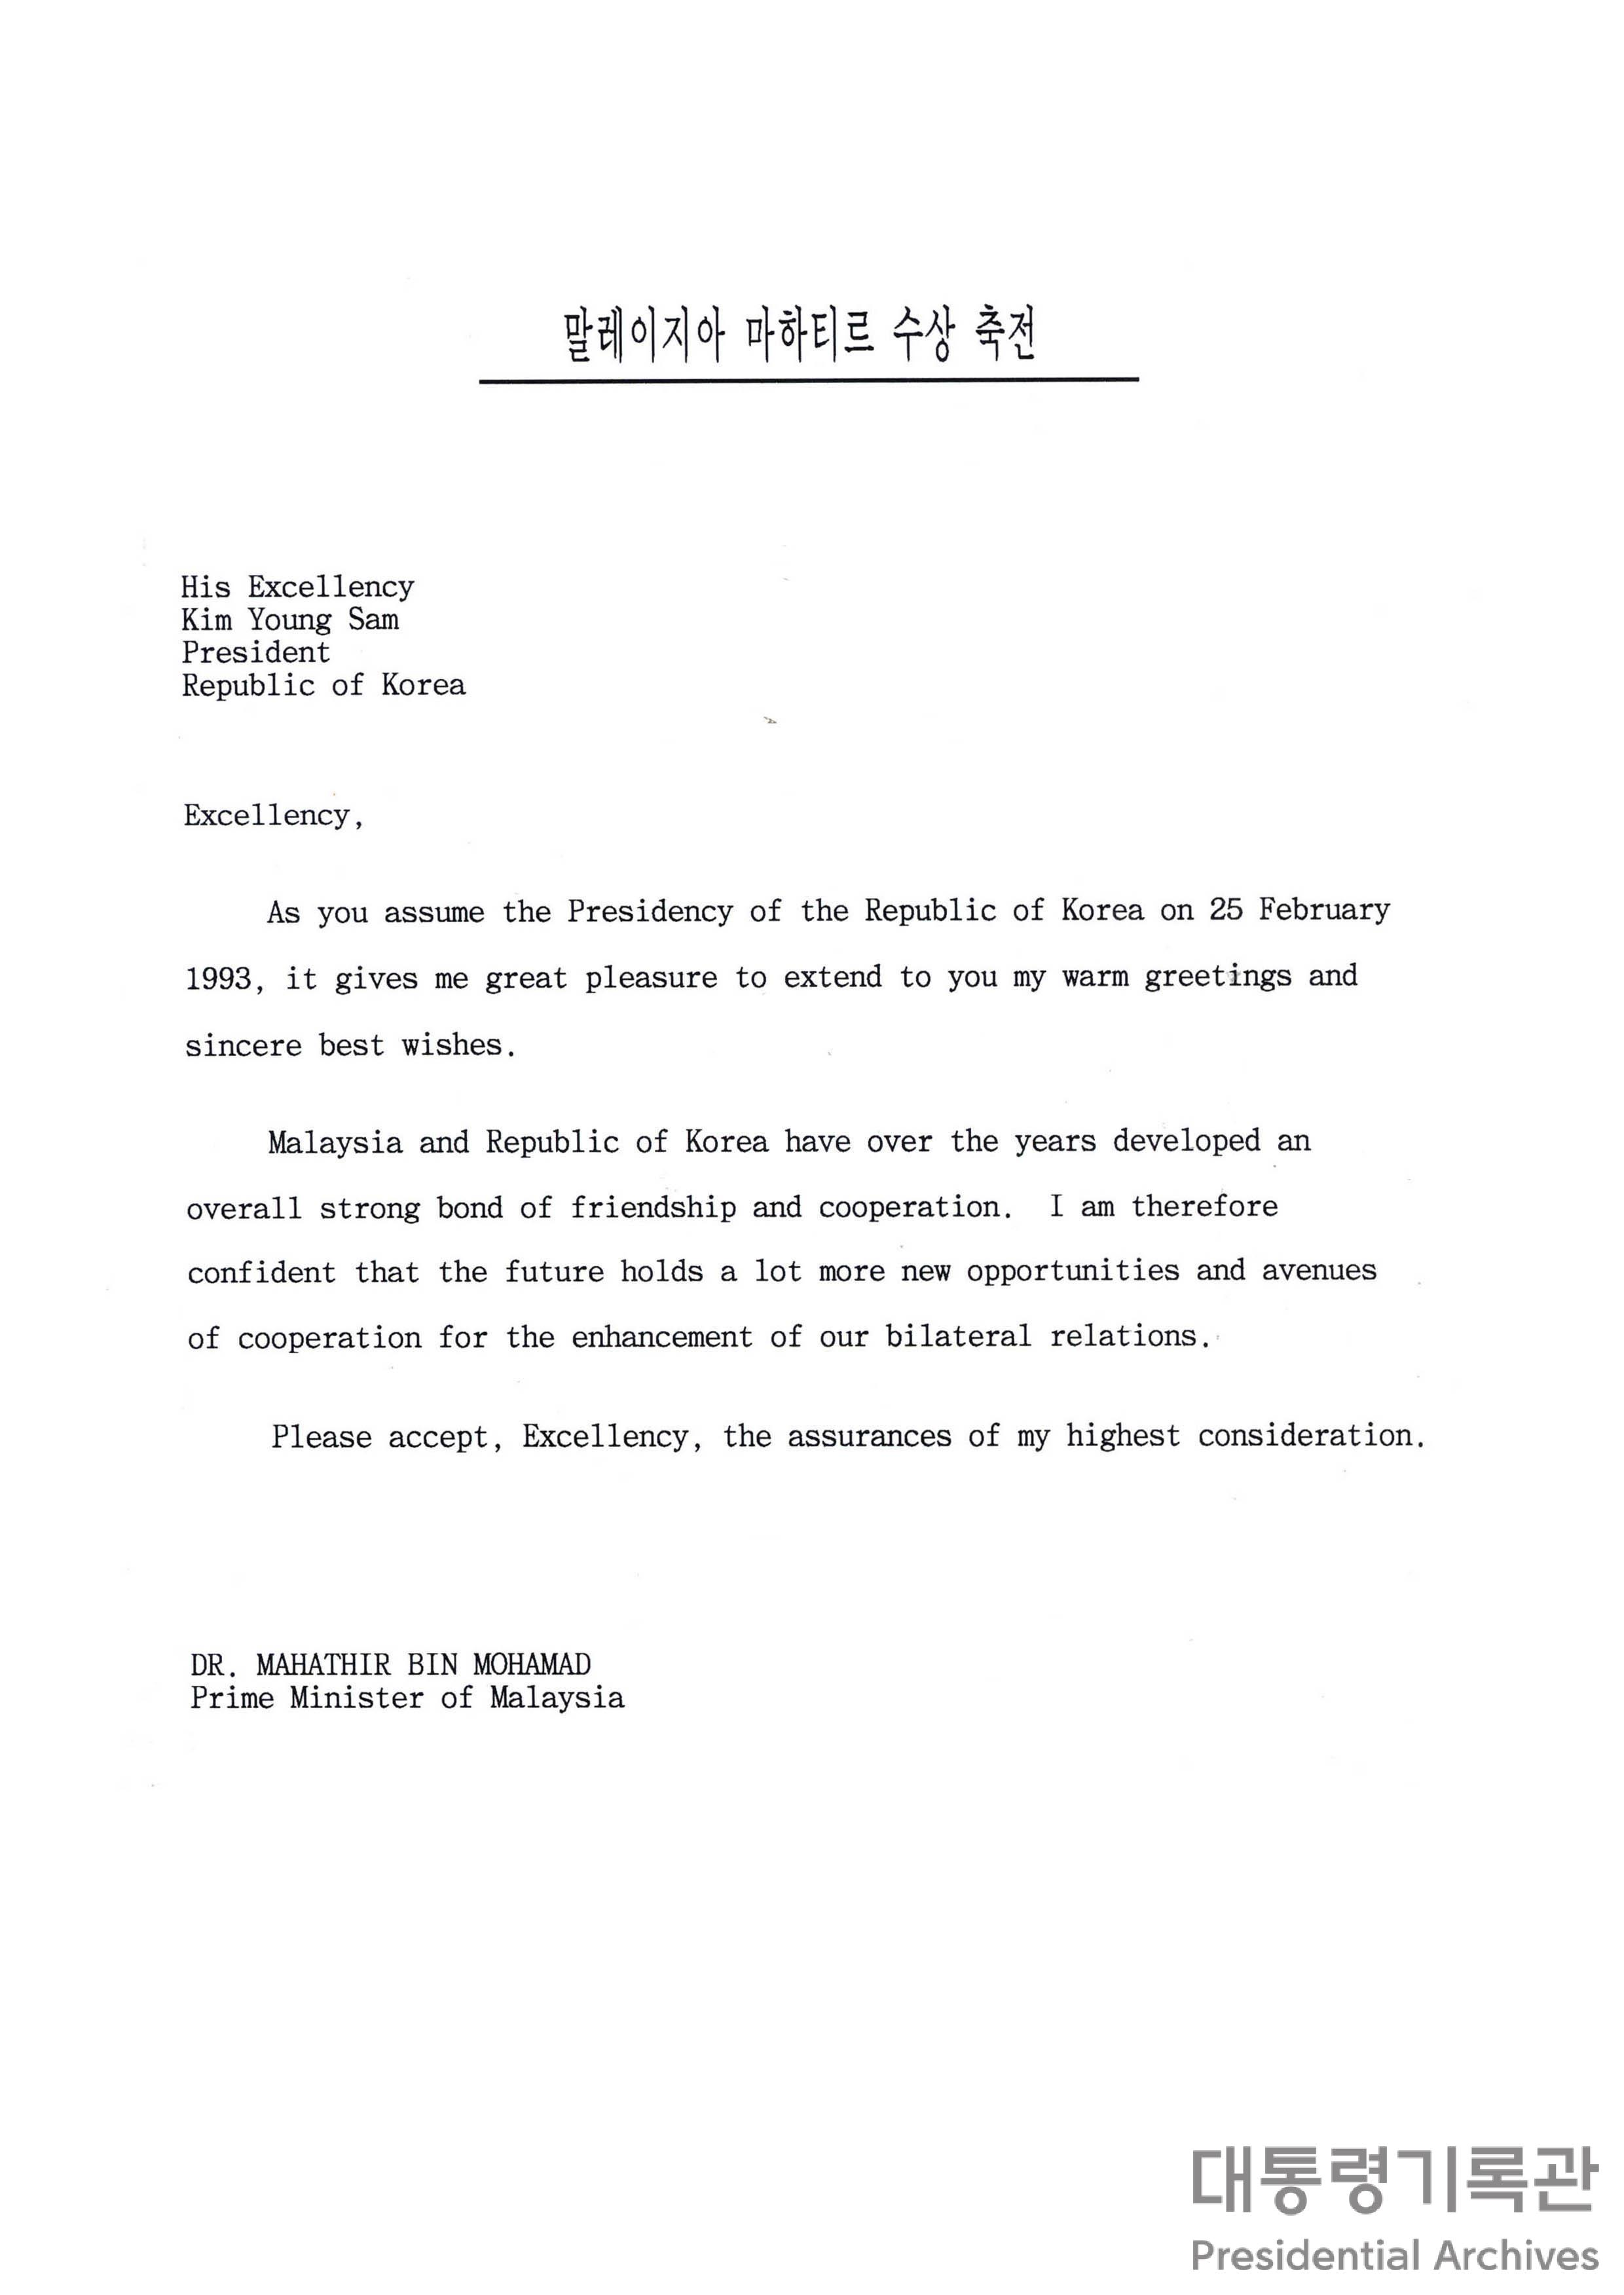 마하티르(Mahathir Bin Mohamad) 말레이지아 수상이 김영삼 대통령에 보낸 서한